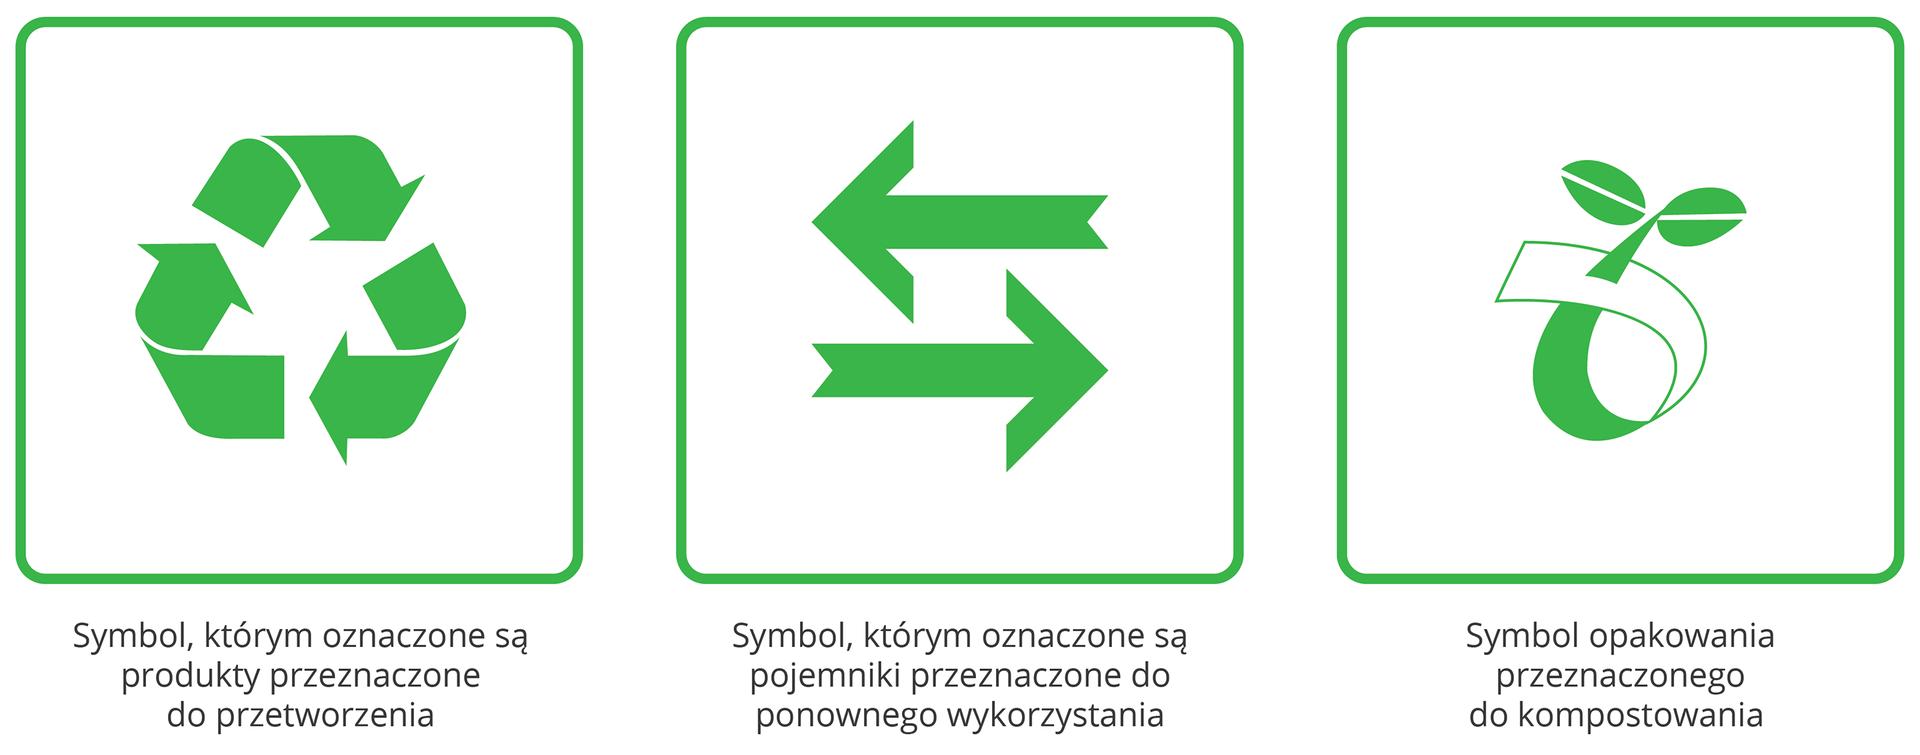 Znak 1.: zielone strzałki ułożone wtrójkąt - znak produktów przeznaczonych do ponownego przetworzenia; znak 2. 2 zielone strzałki skierowane wprawo ilewo - oznaczenie pojemników do ponownego wykorzystania; znak 3: symbolicznie przedstawiona roślina - oznaczenie produktów do kompostowania.